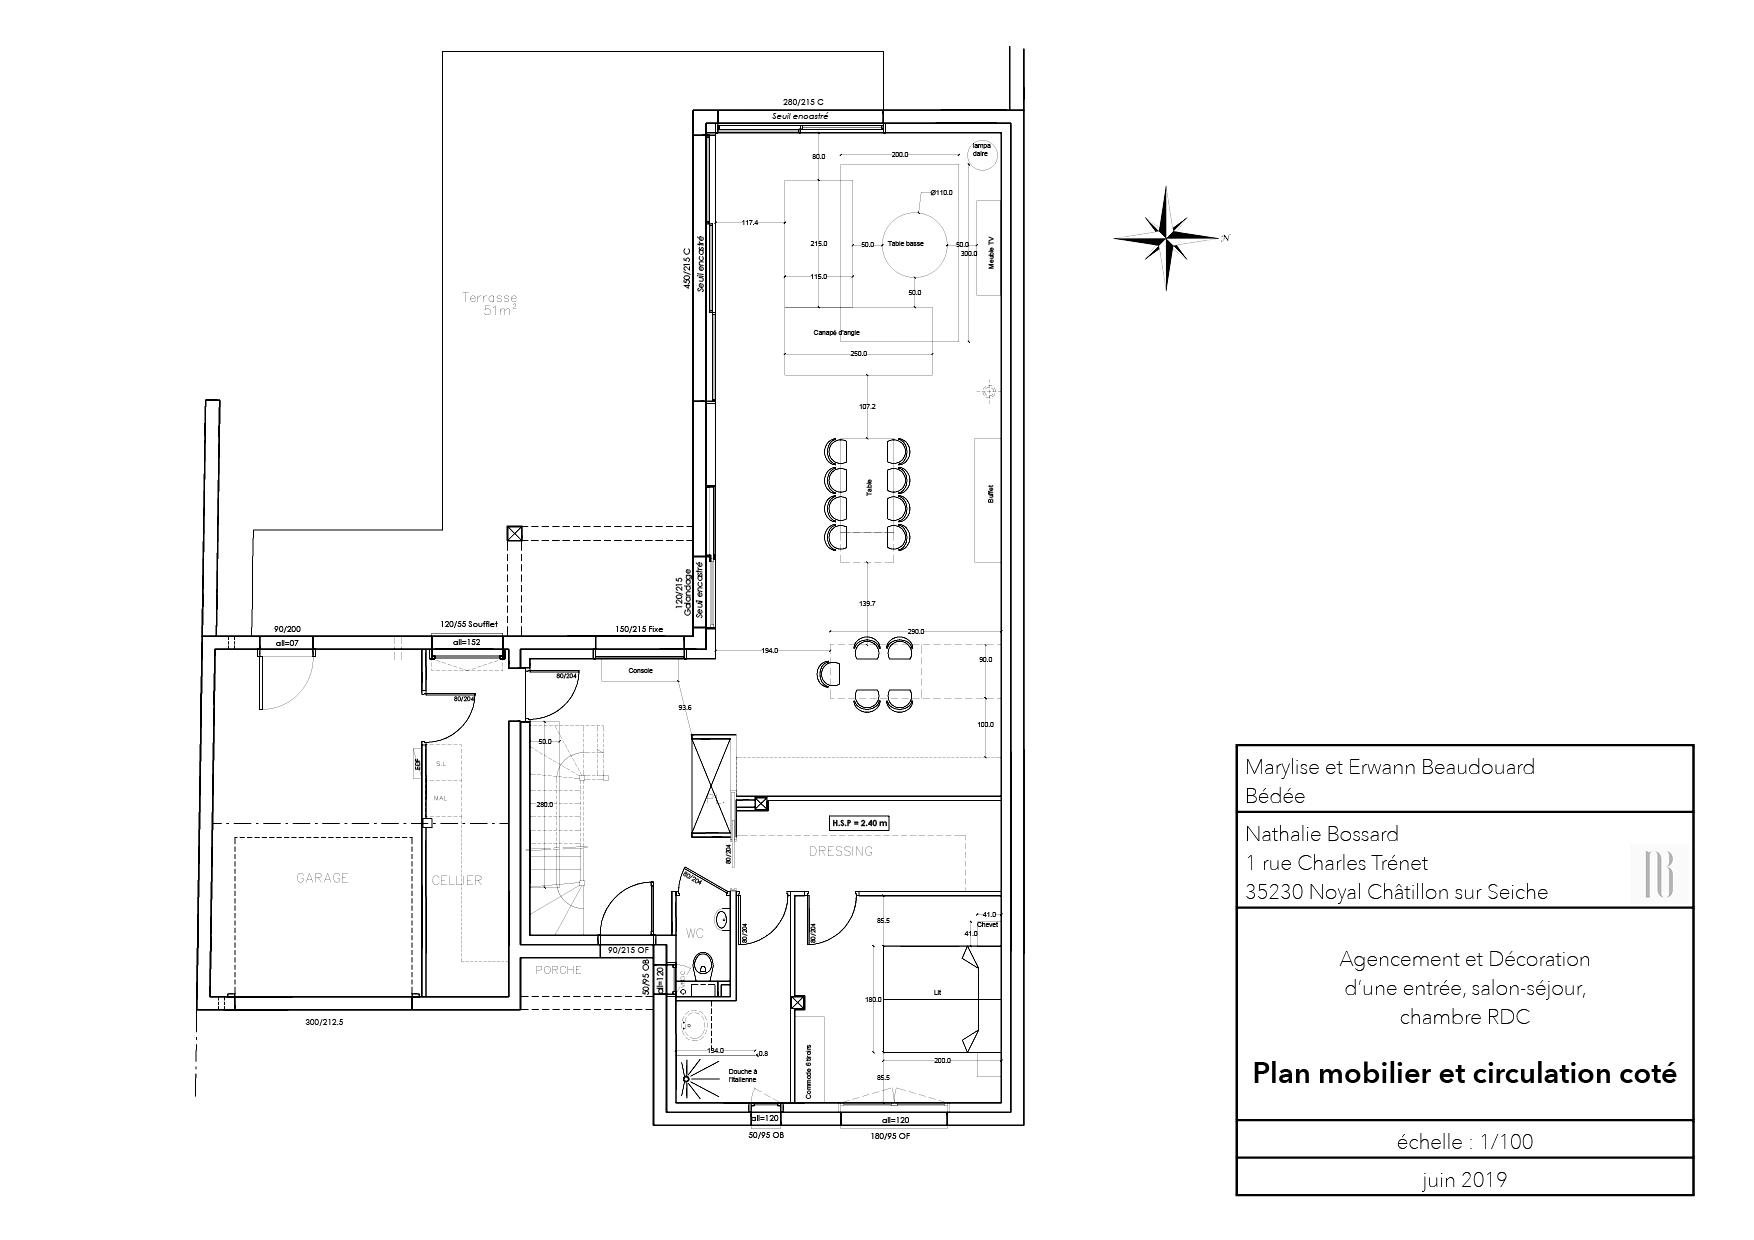 Nathalie Bossard décoration architecture intérieur Rennes 35 UFDI-390 Book déco maison en construction Bédée Ille et vilaine plan agencement mobilier circulation